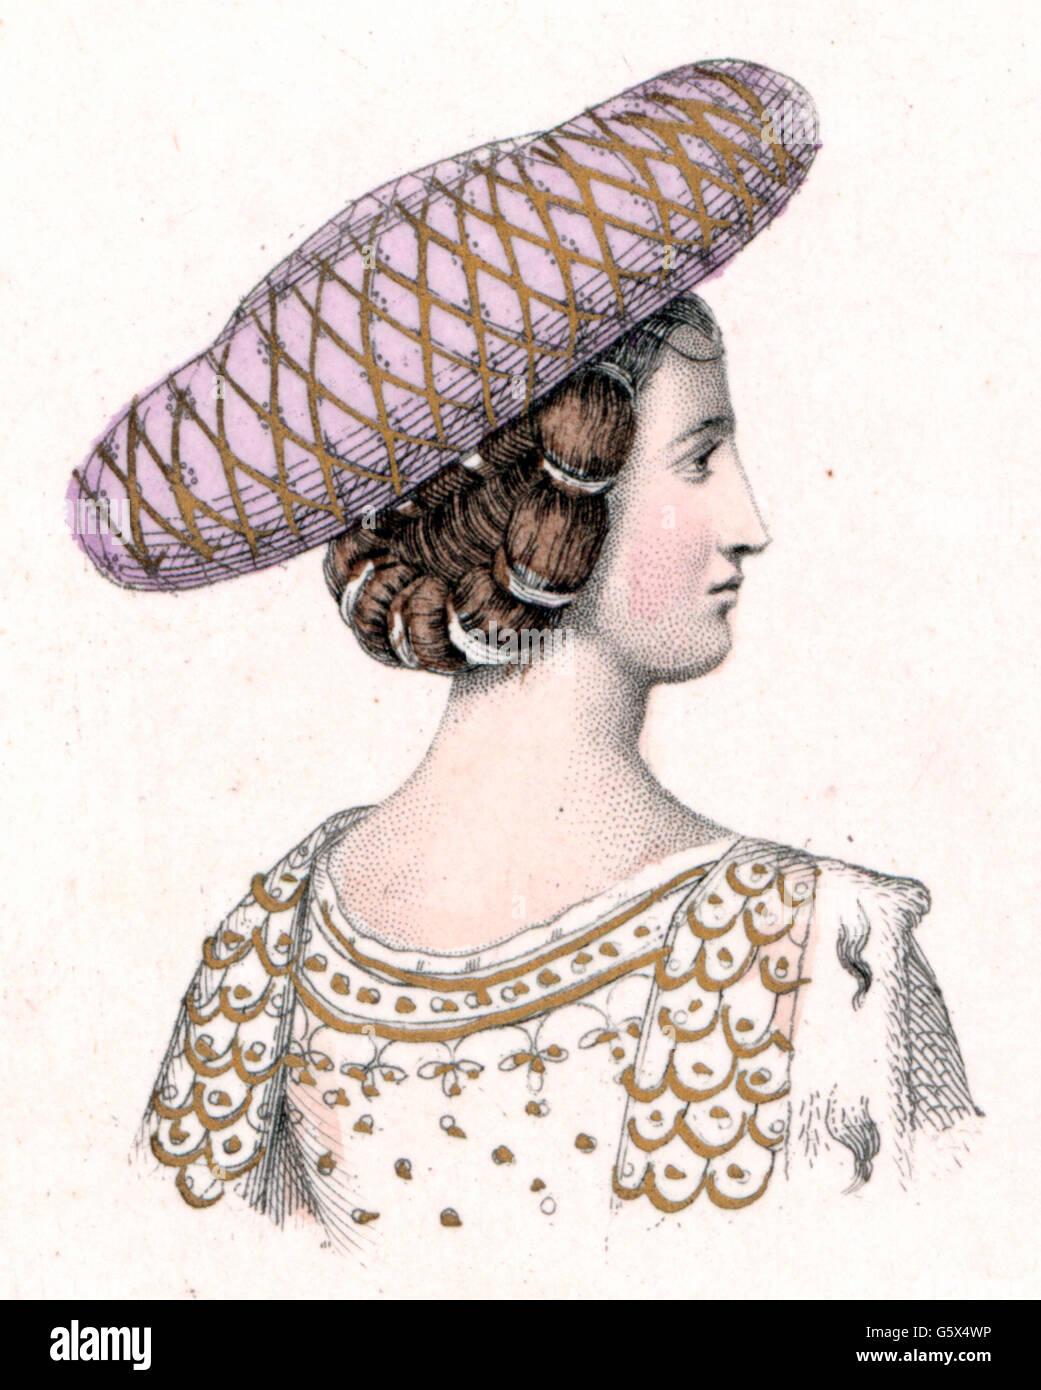 Mittelalter Menschen Frau Mit Hut Italien Ende Des 14